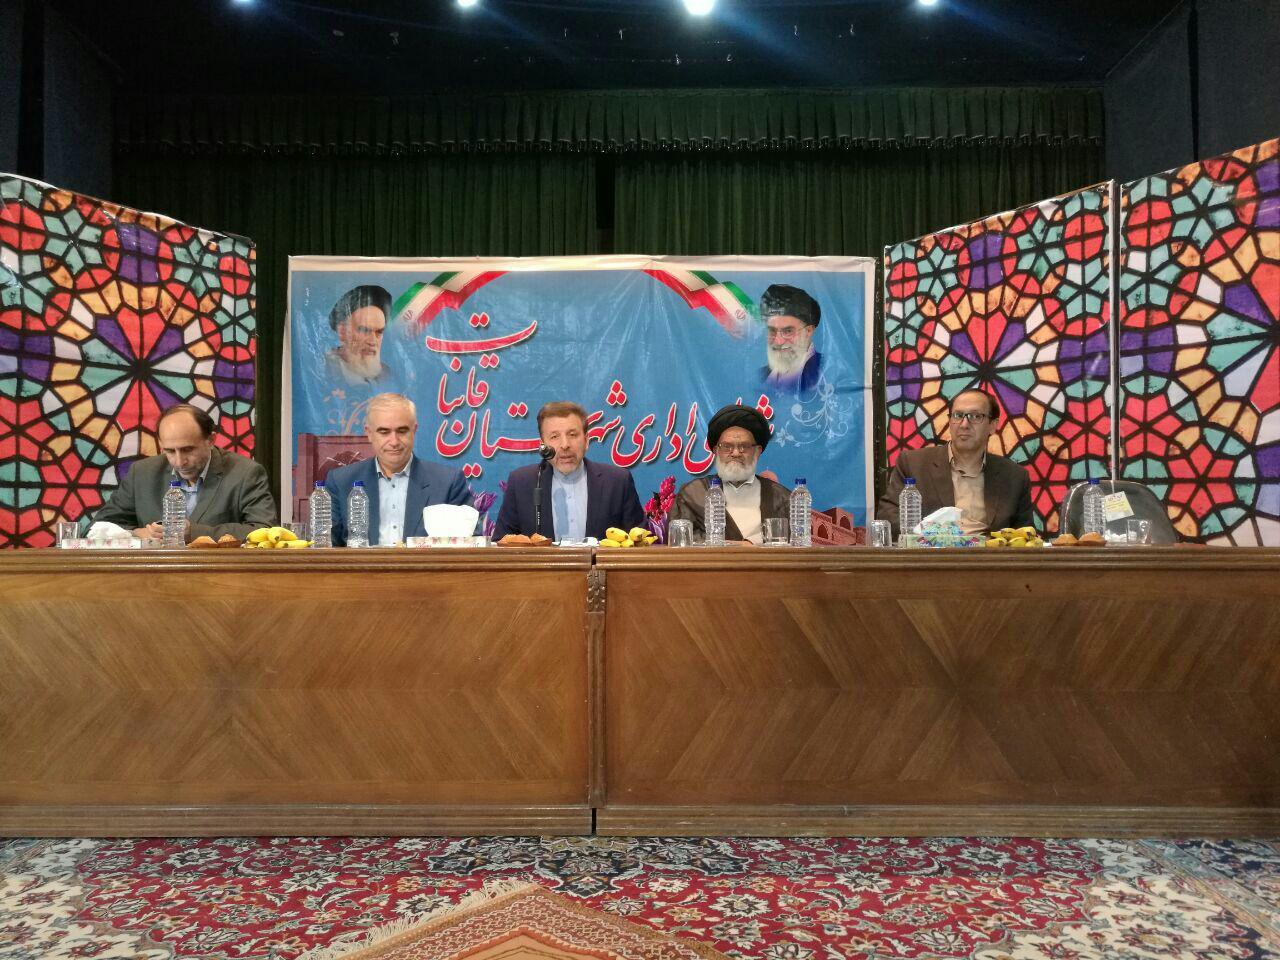 تماس صوتی تلگرام با مجوز وزارت ارتباطات فعال شد,